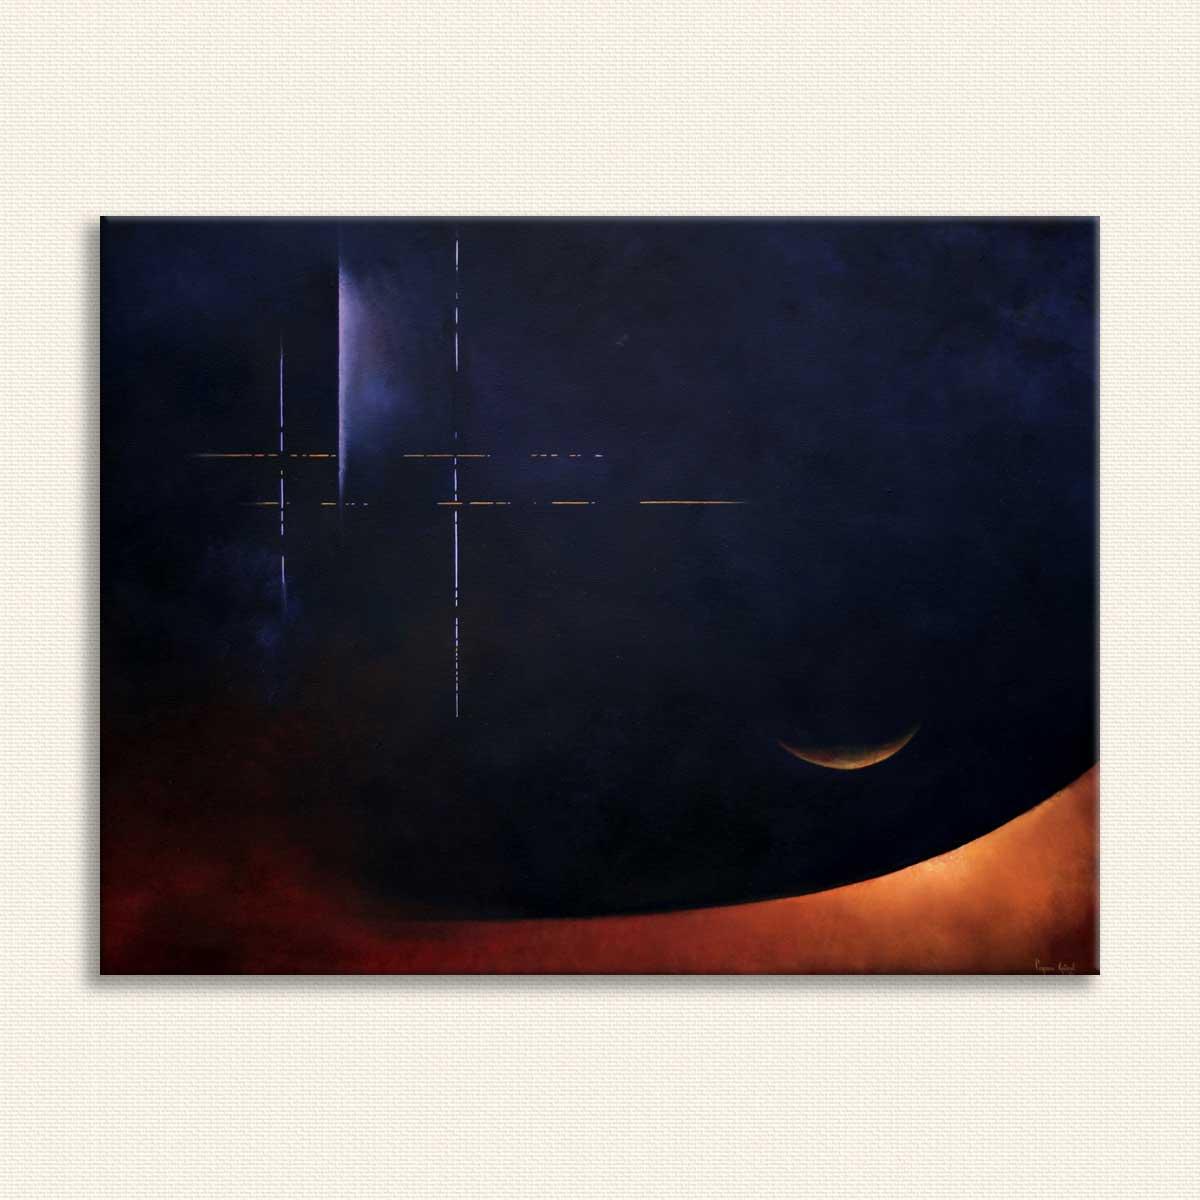 kuun kompozisyon 06